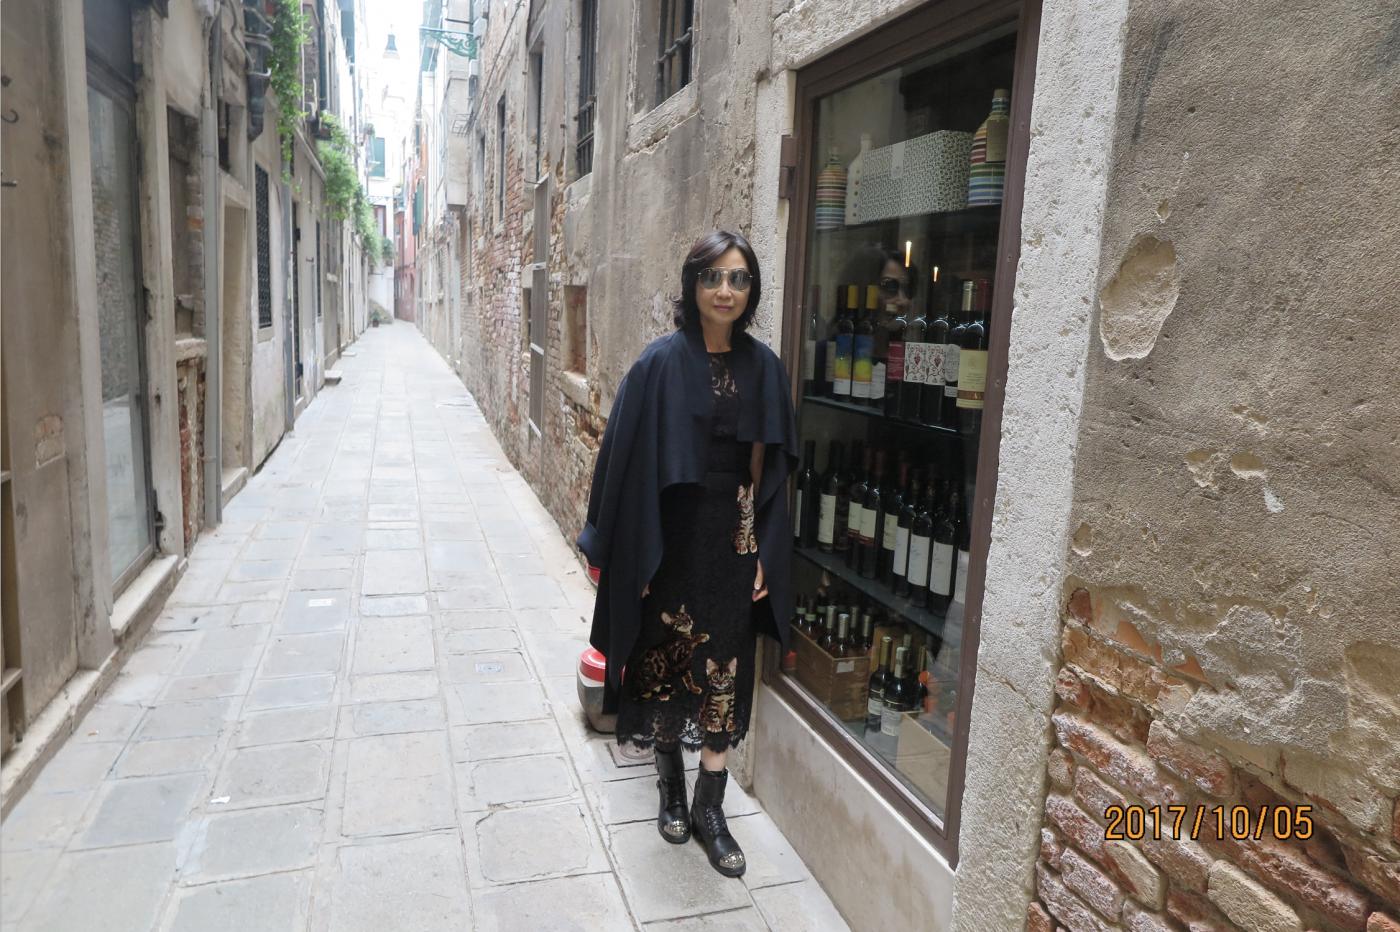 水乡威尼斯:无限的魅力永久的回忆_图1-29